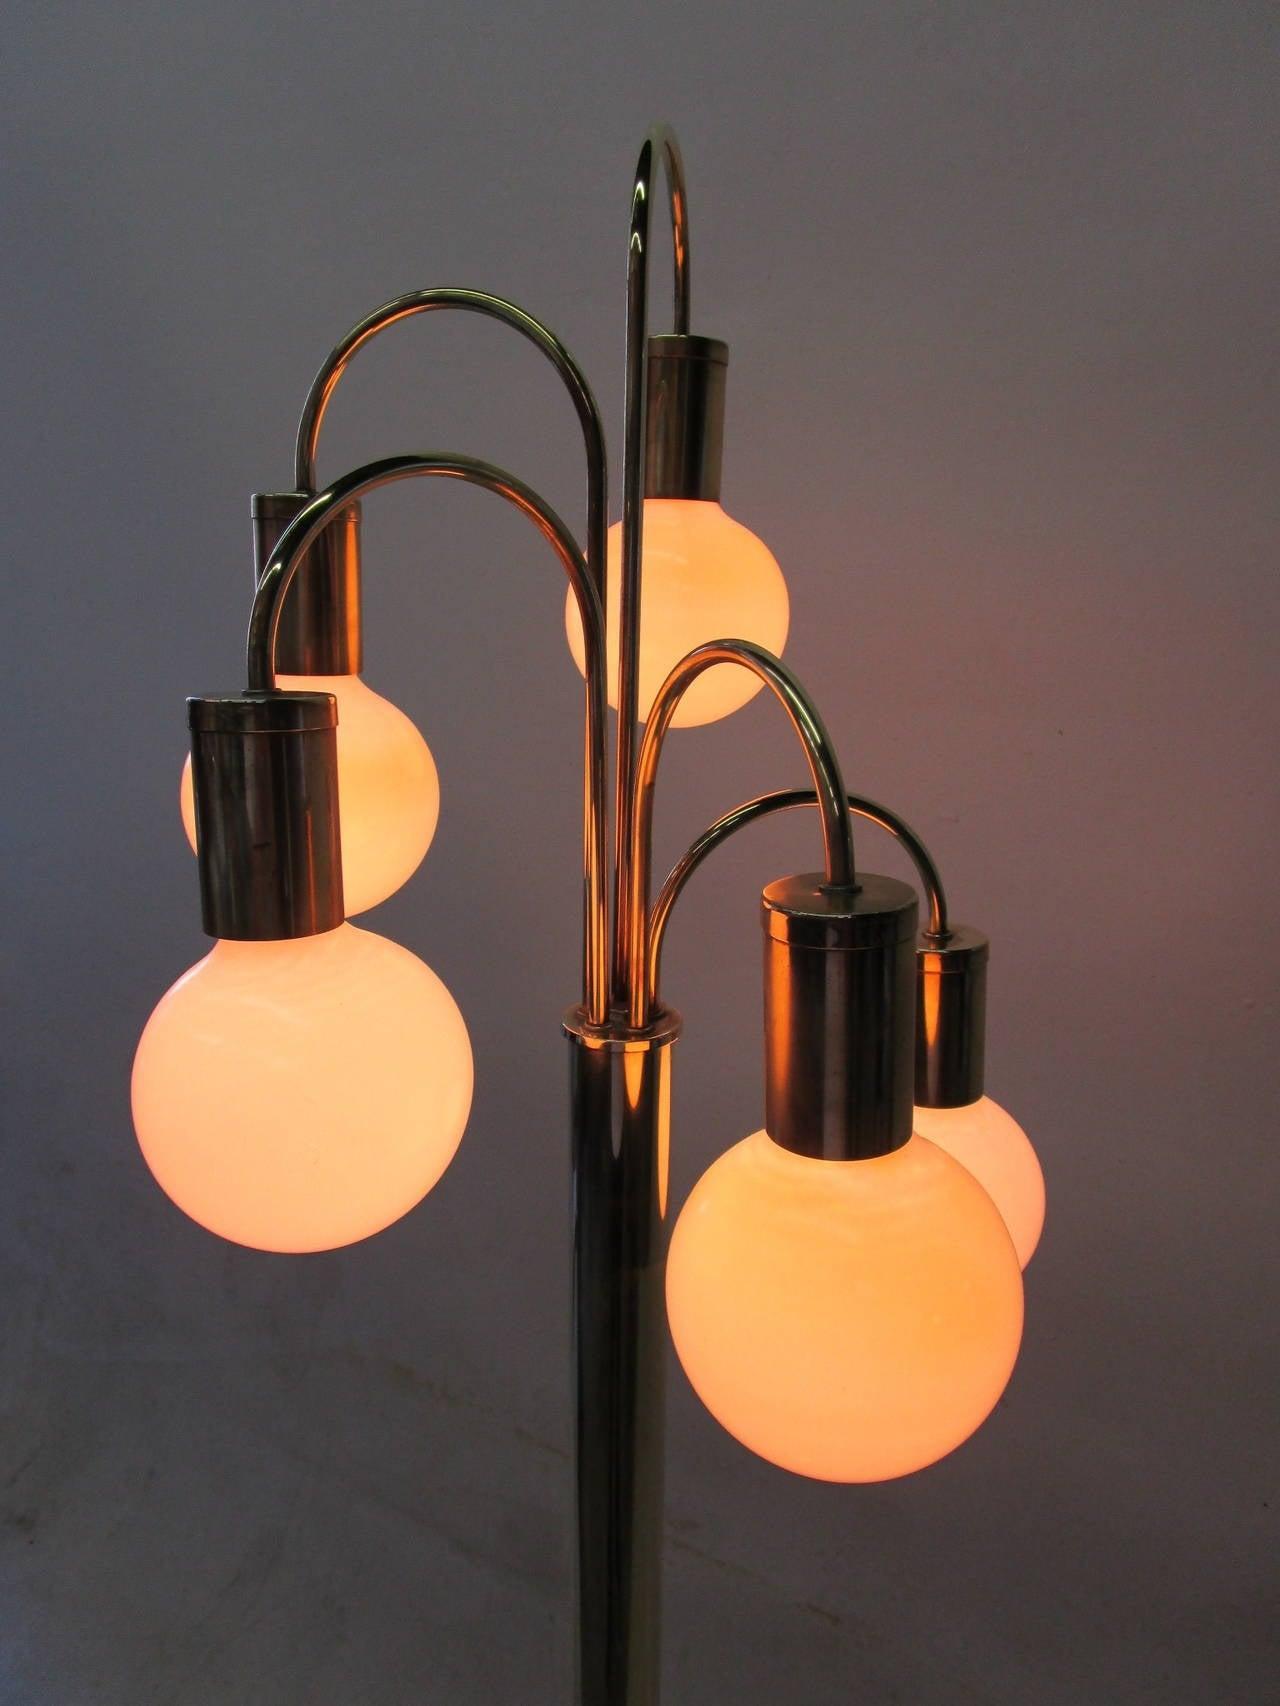 Waterfall Five-Arm Brass  Floor Lamp by Robert Sonneman In Excellent Condition In Pasadena, CA